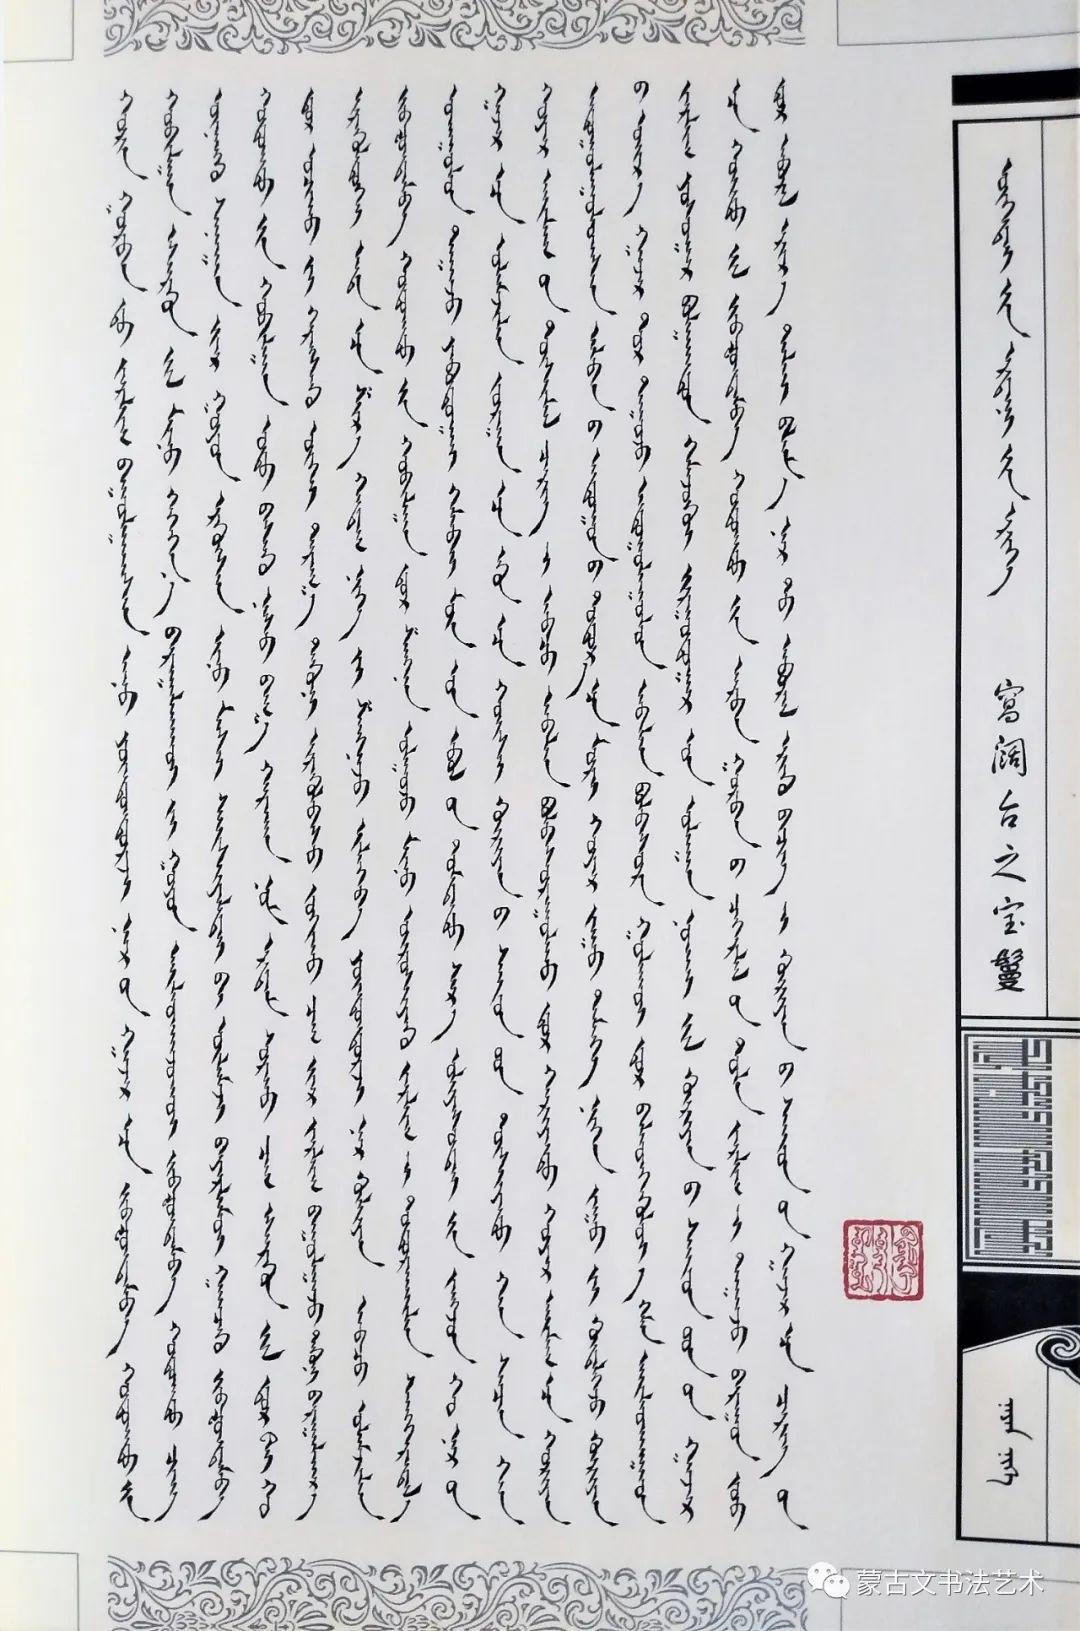 蒙古文经典文献当代书法名家手抄本之李金海《窝阔台之宝鬘》 第6张